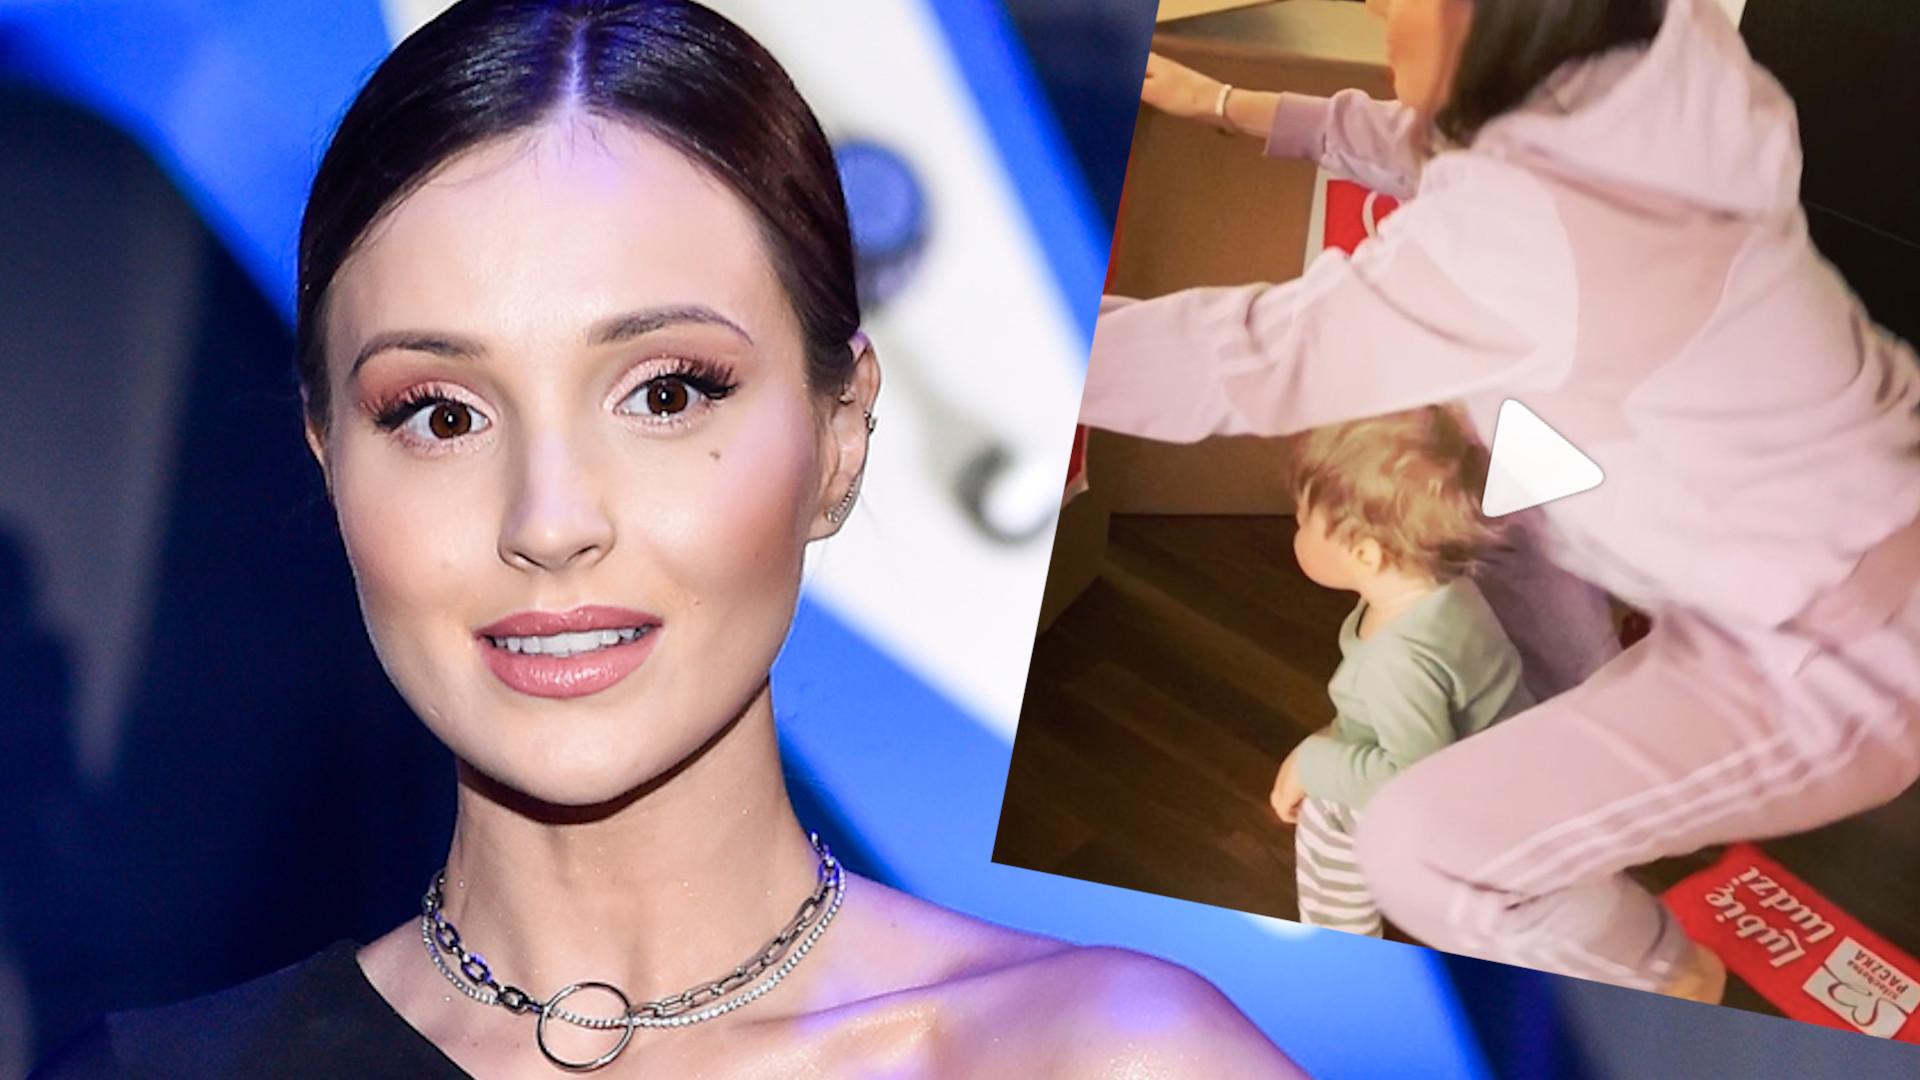 Marina i Wojtek w domowym zaciszu nagrali filmik dla SZLACHETNEJ PACZKI. Uwagę skrada Liam